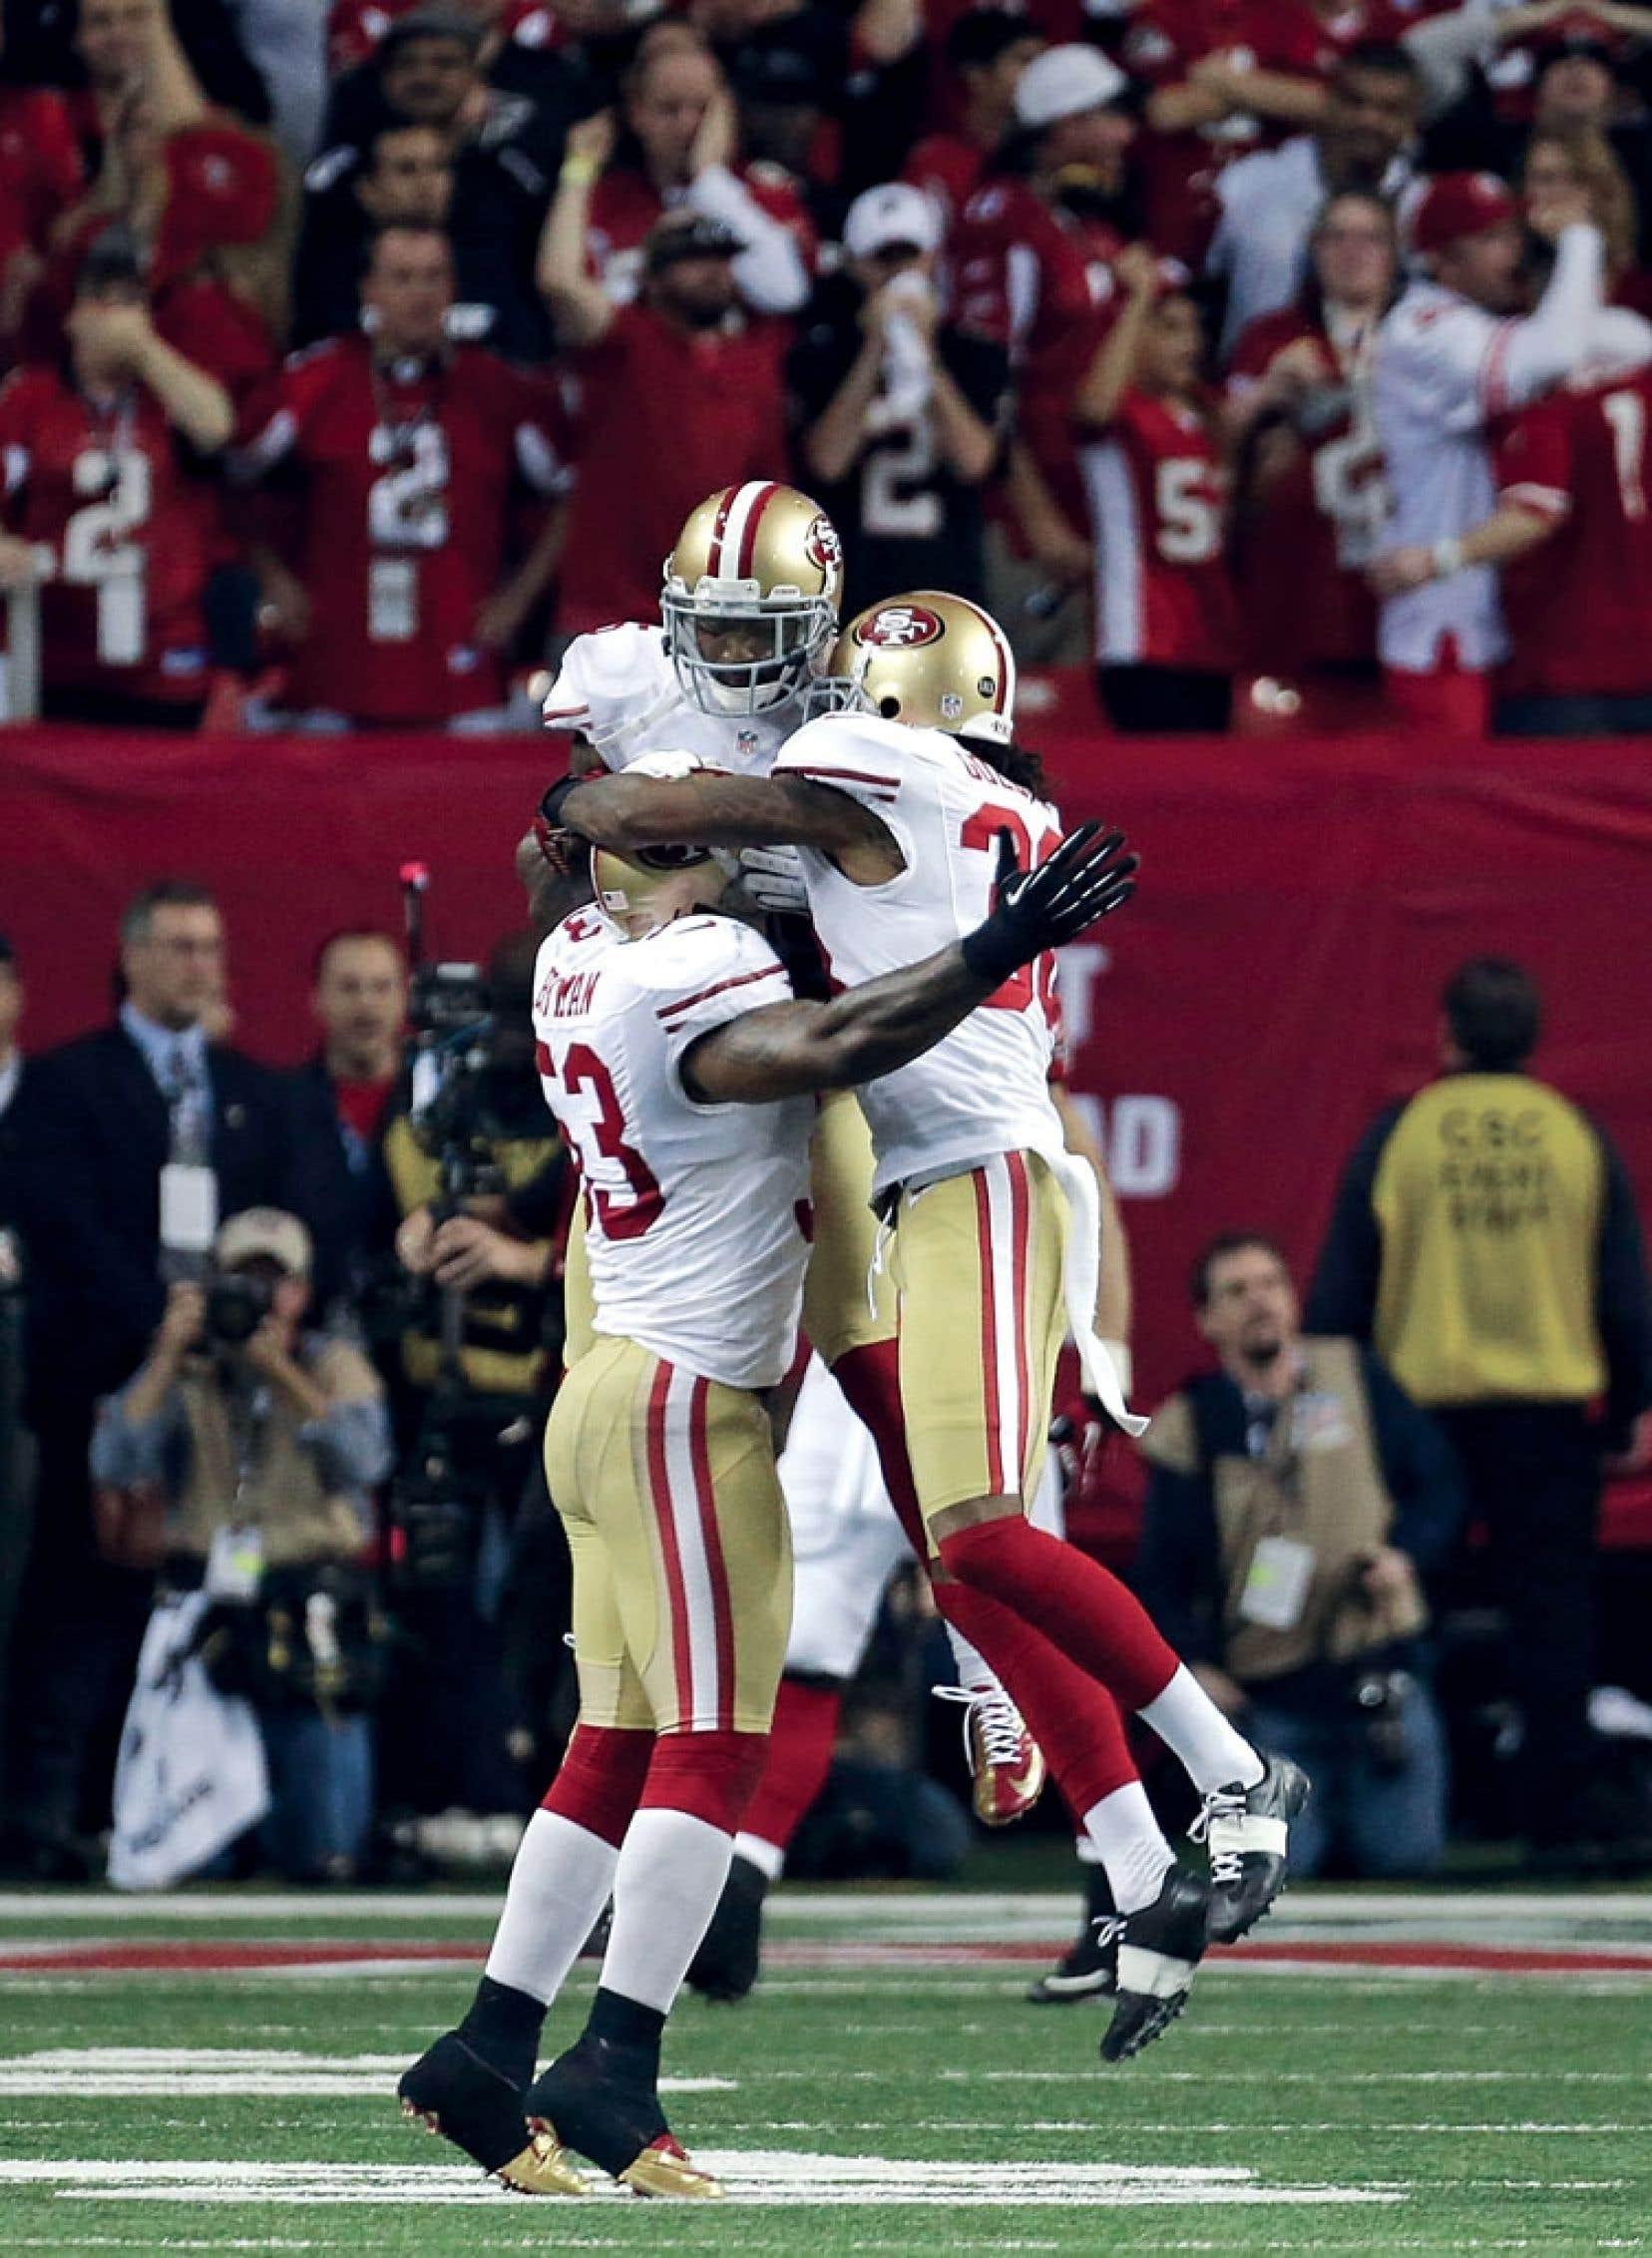 NaVorro Bowman, Darcel McBath et LaMichael James des 49ers célèbrent leur victoire contre les Falcons d'Atlanta 28-24 en finale de la Nationale, dimanche.